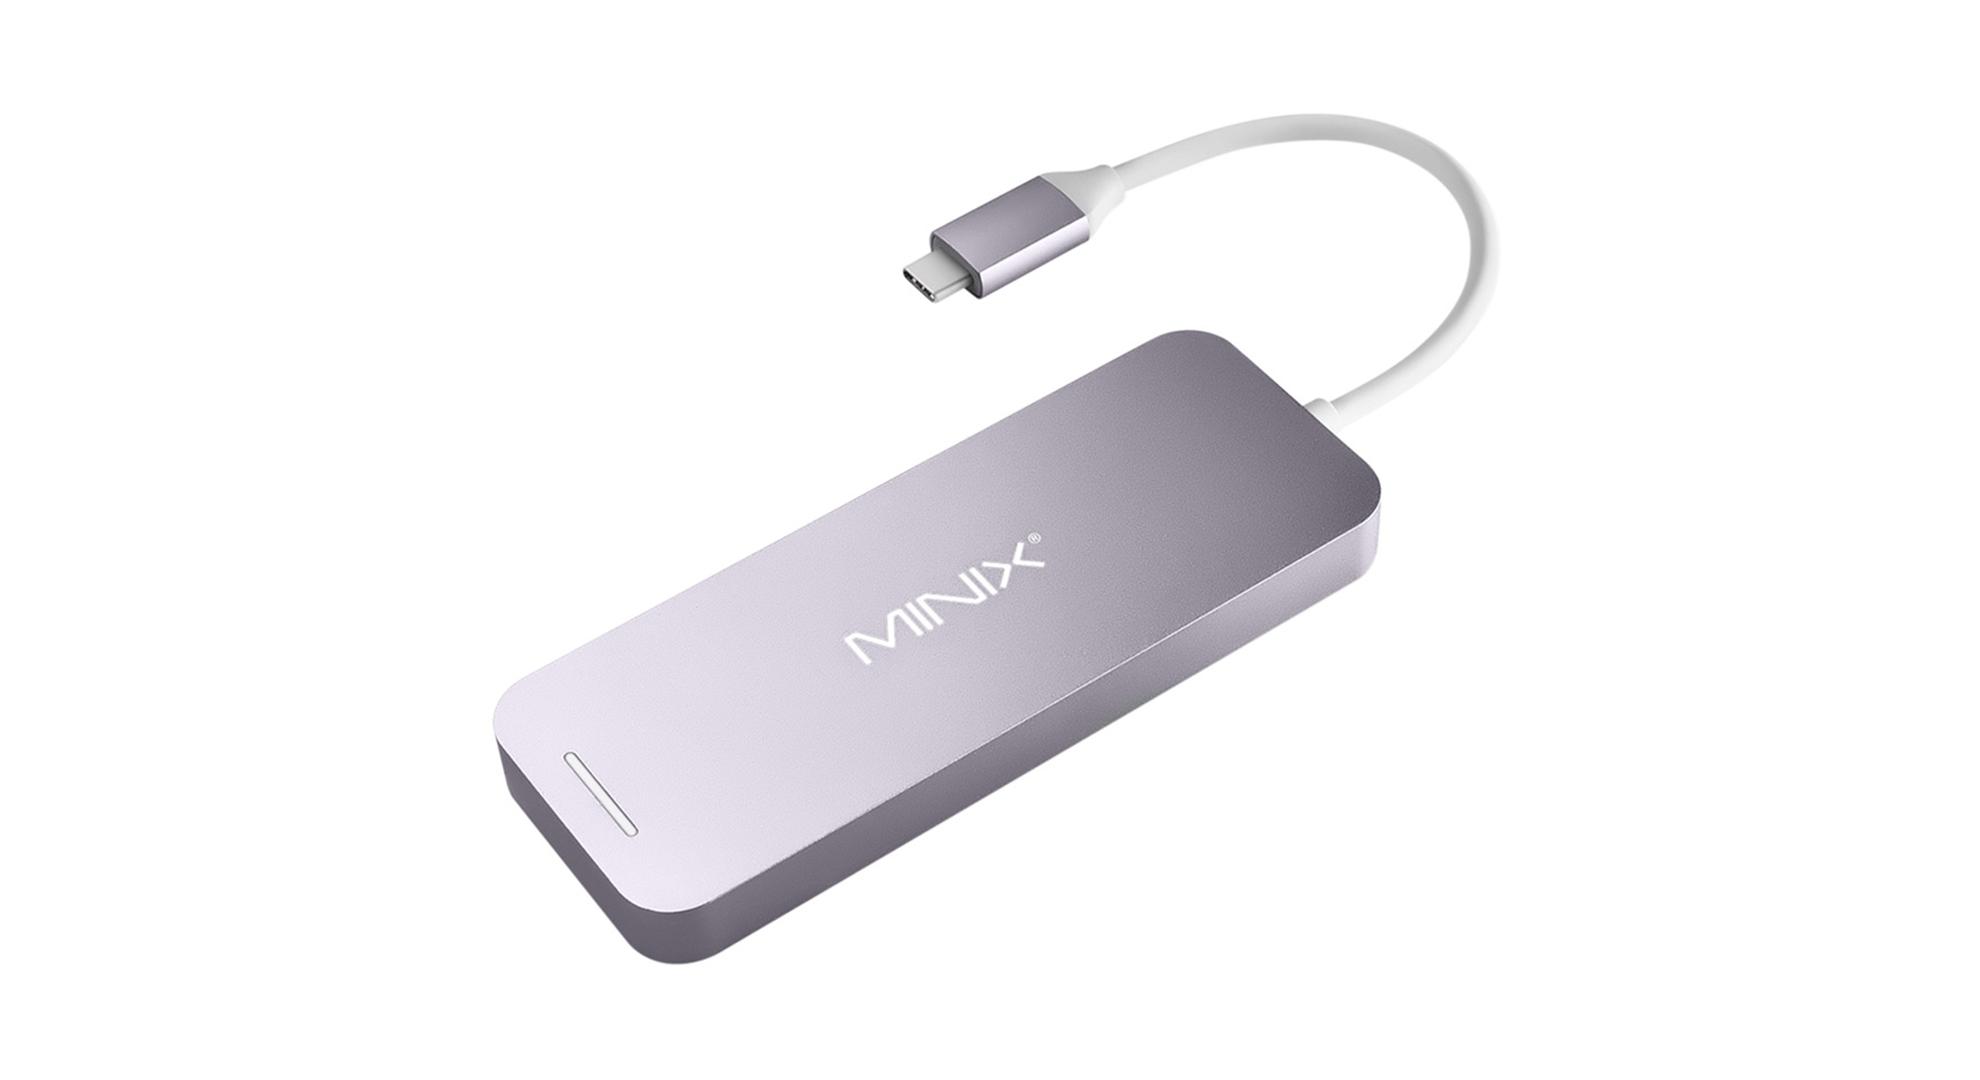 Redukce a SSD v jednom jen nyní za krásných 1 622 Kč! [sponzorovaný článek]